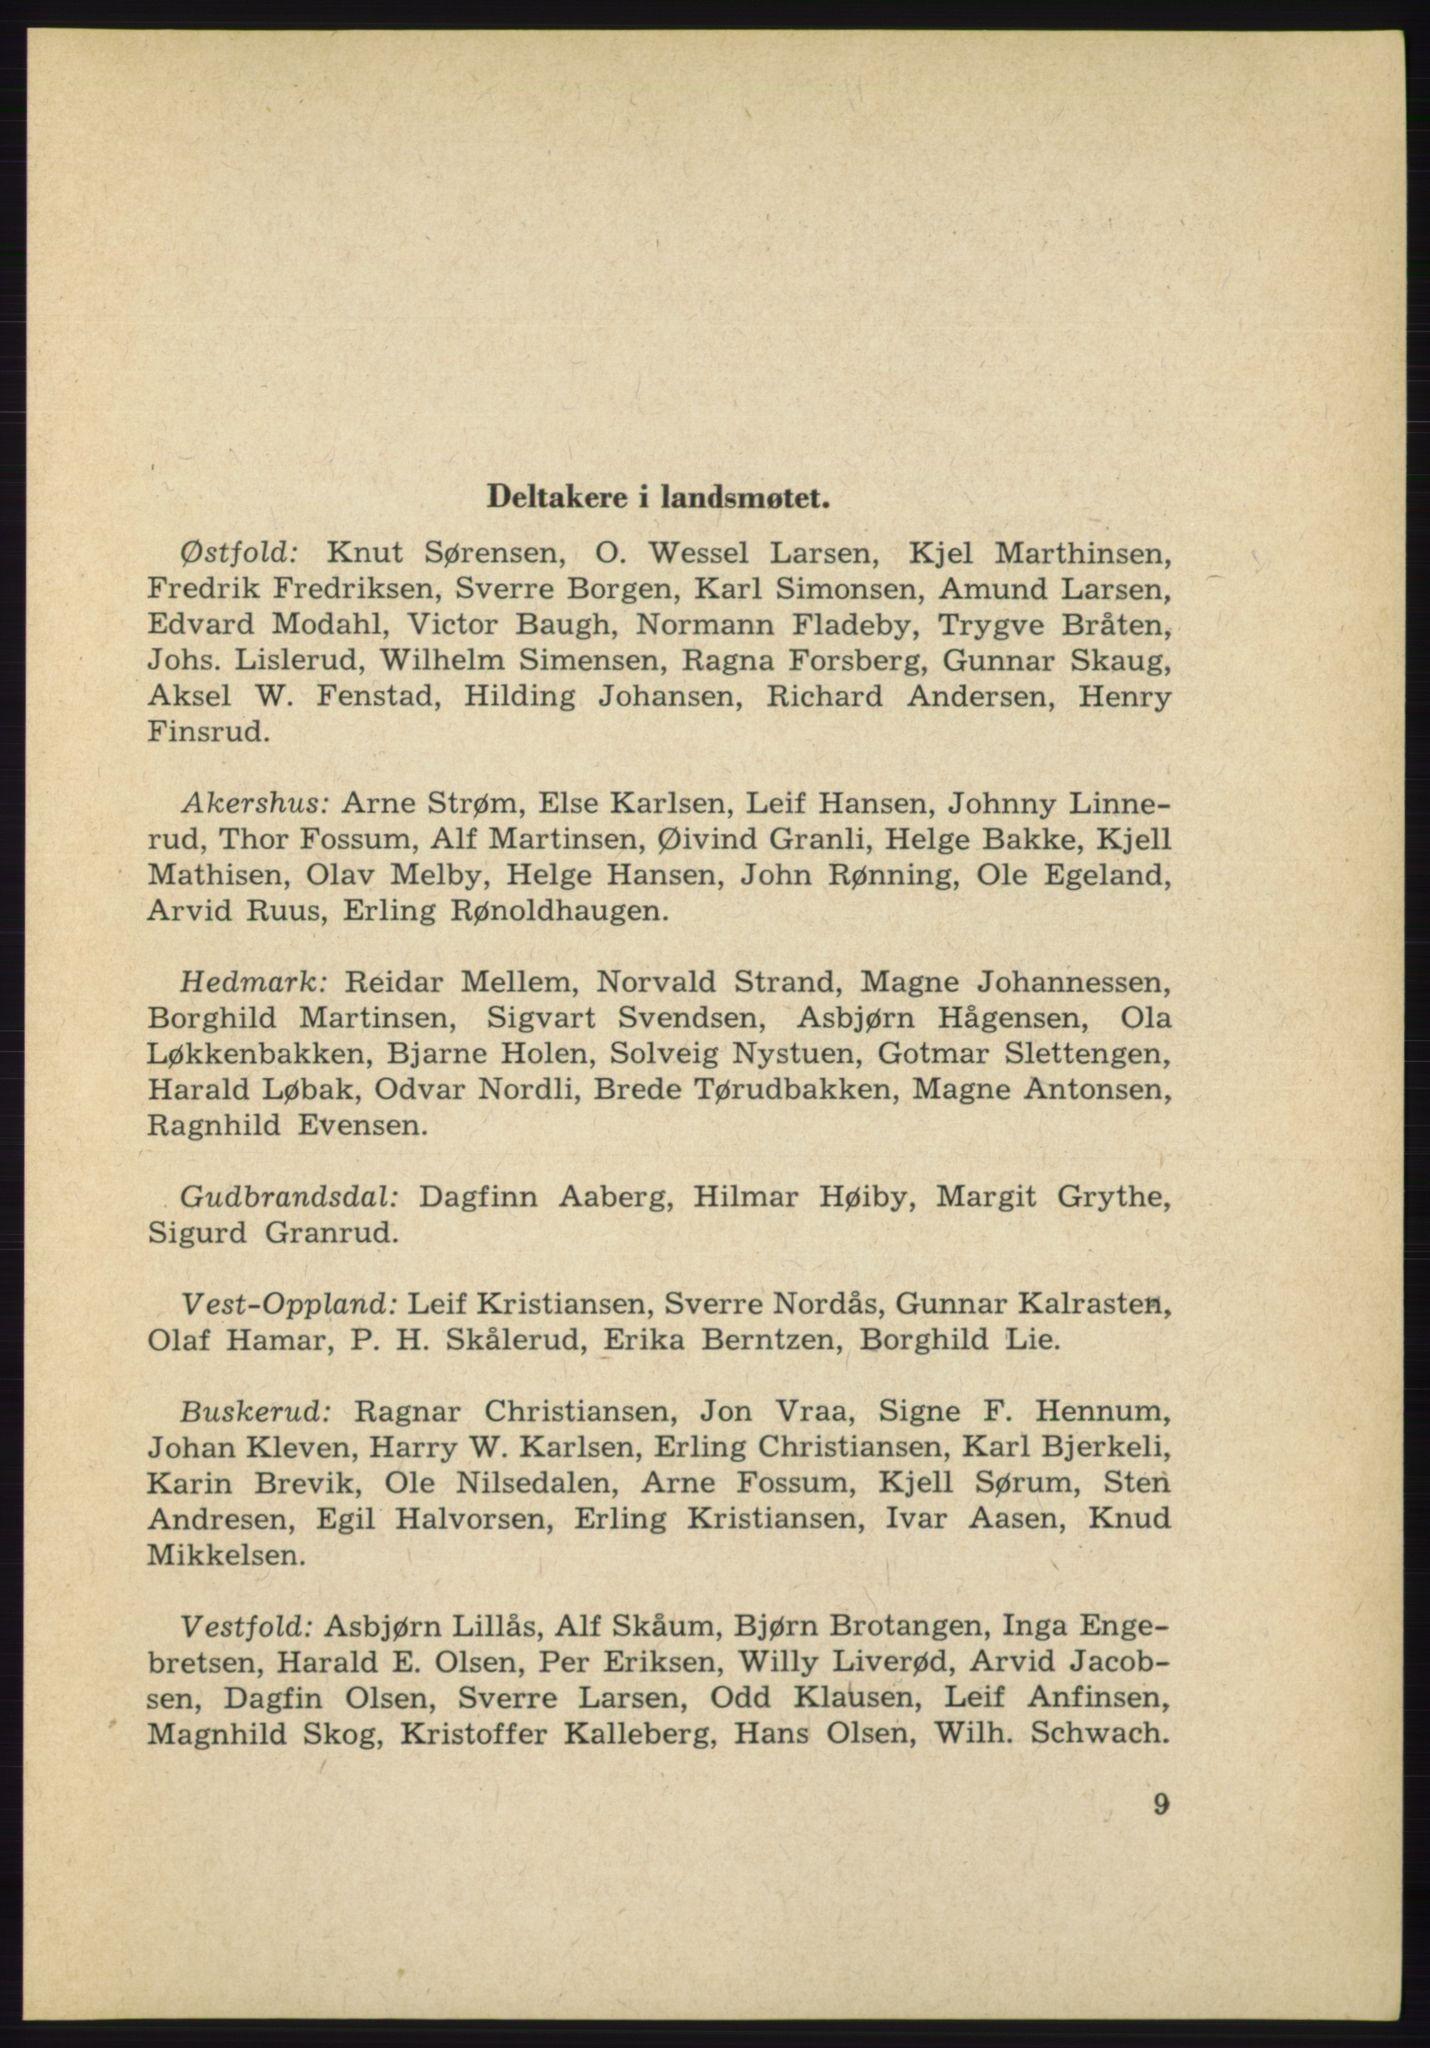 AAB, Det norske Arbeiderparti - publikasjoner, -/-: Protokoll over forhandlingene på det 38. ordinære landsmøte 9.-11. april 1961 i Oslo, 1961, s. 9